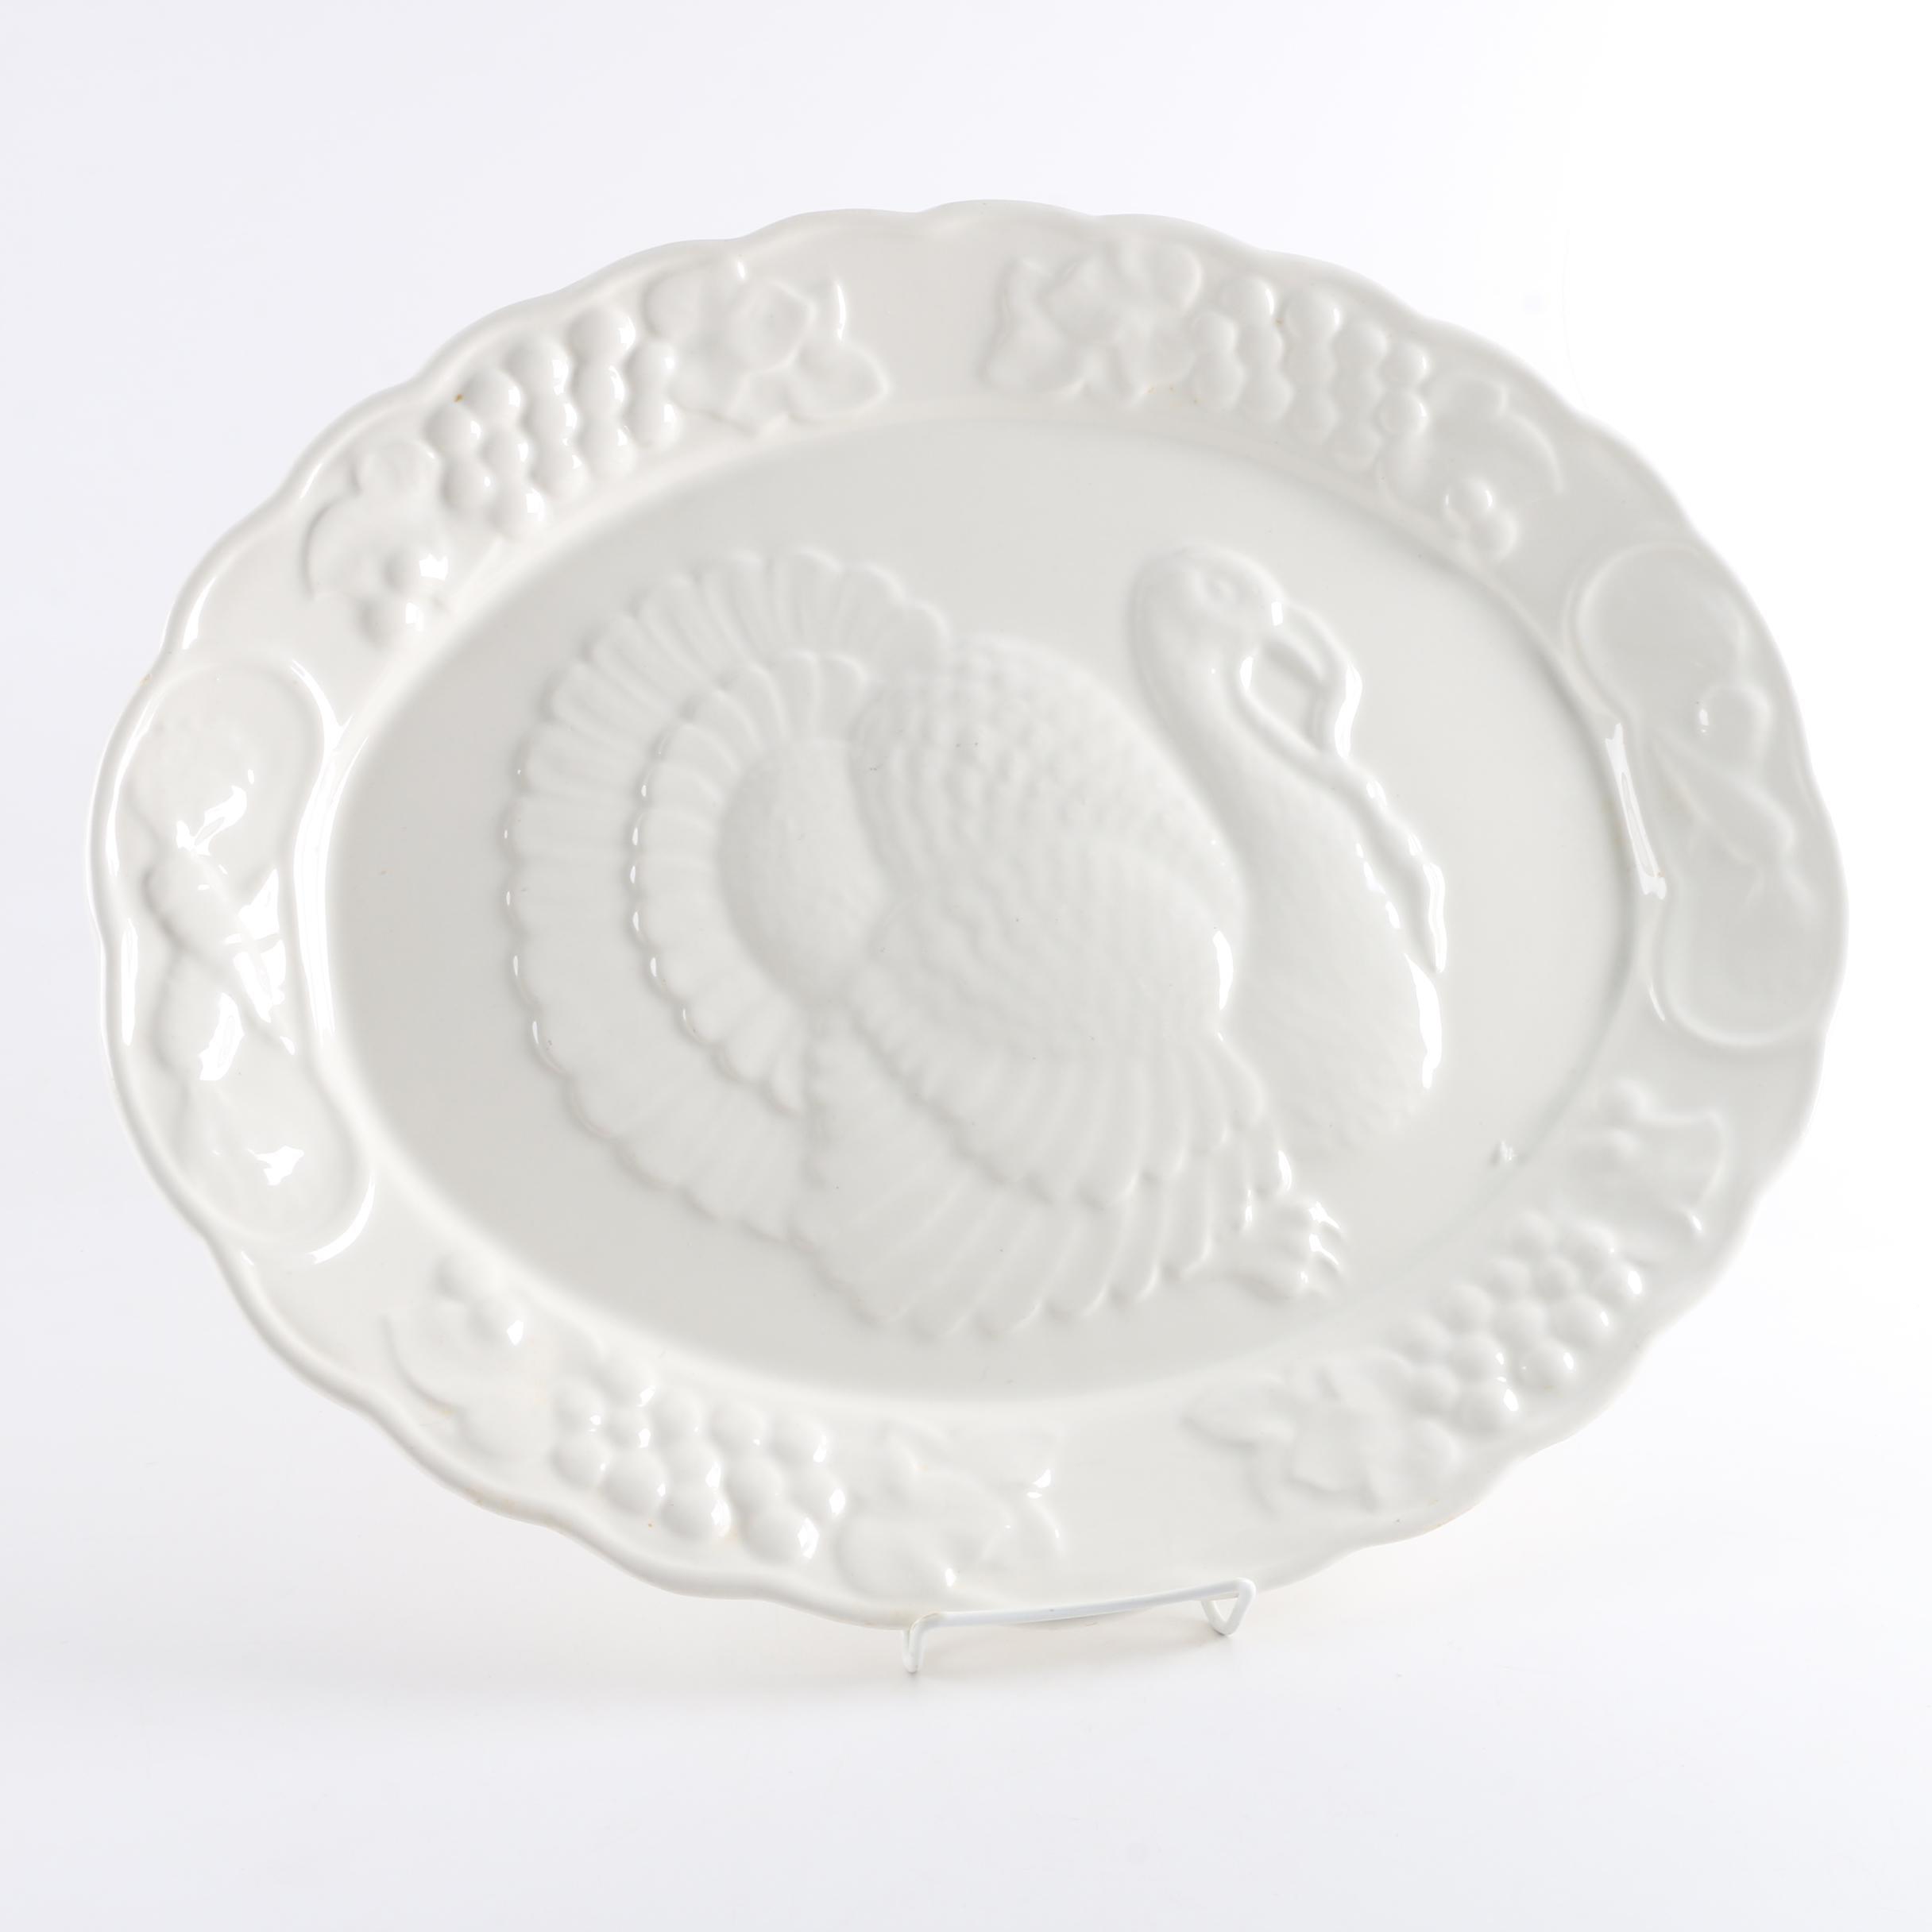 Porcelain Serving Platter with Embossed Turkey Design